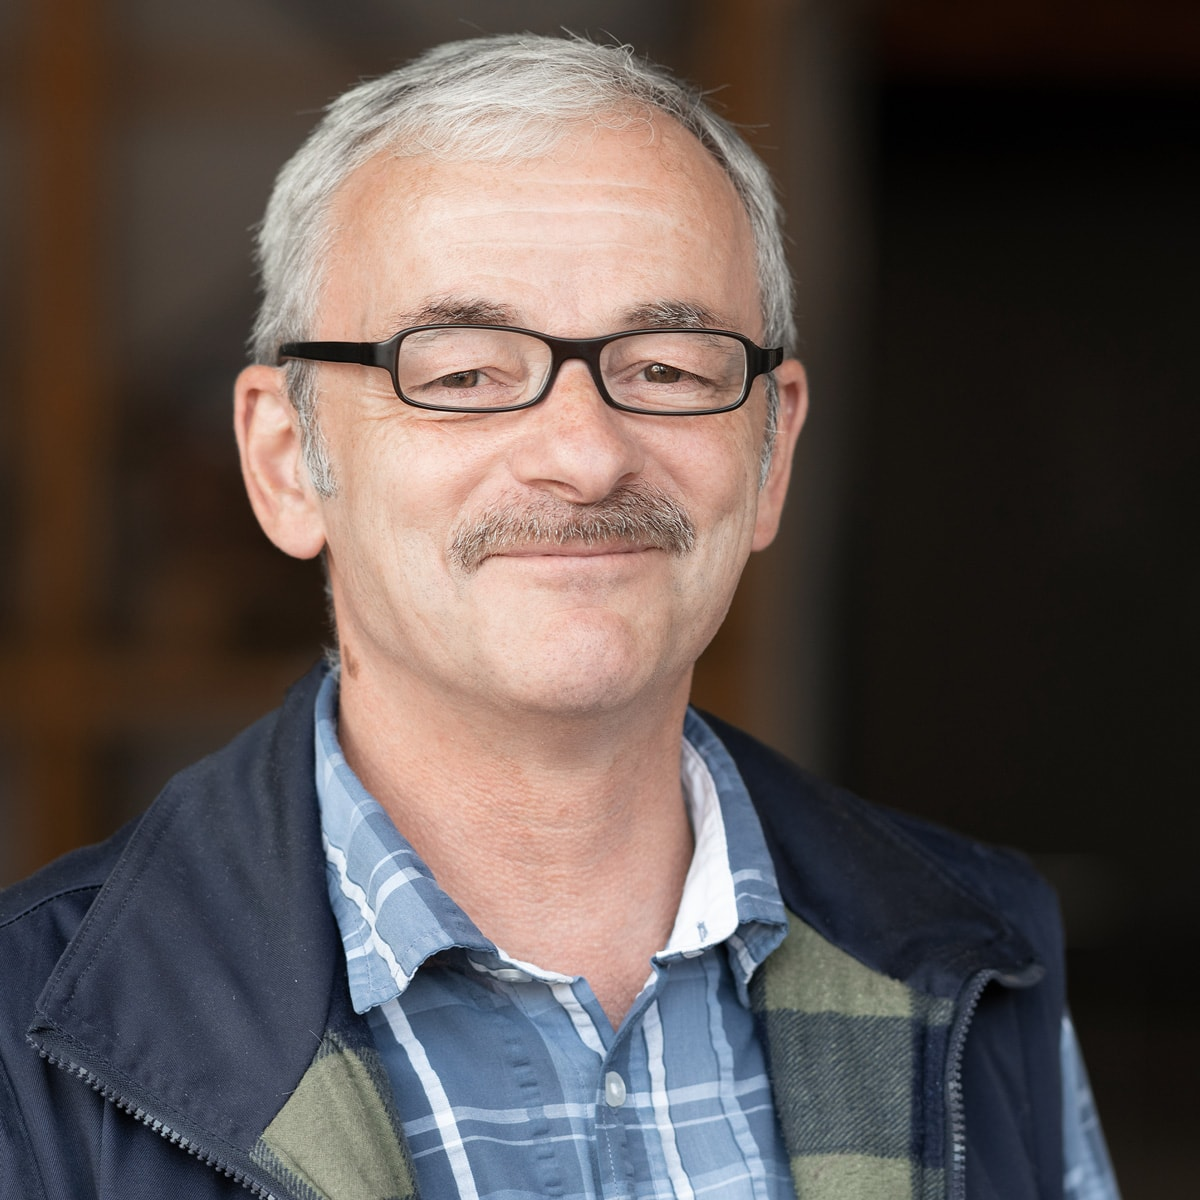 Jürgen König